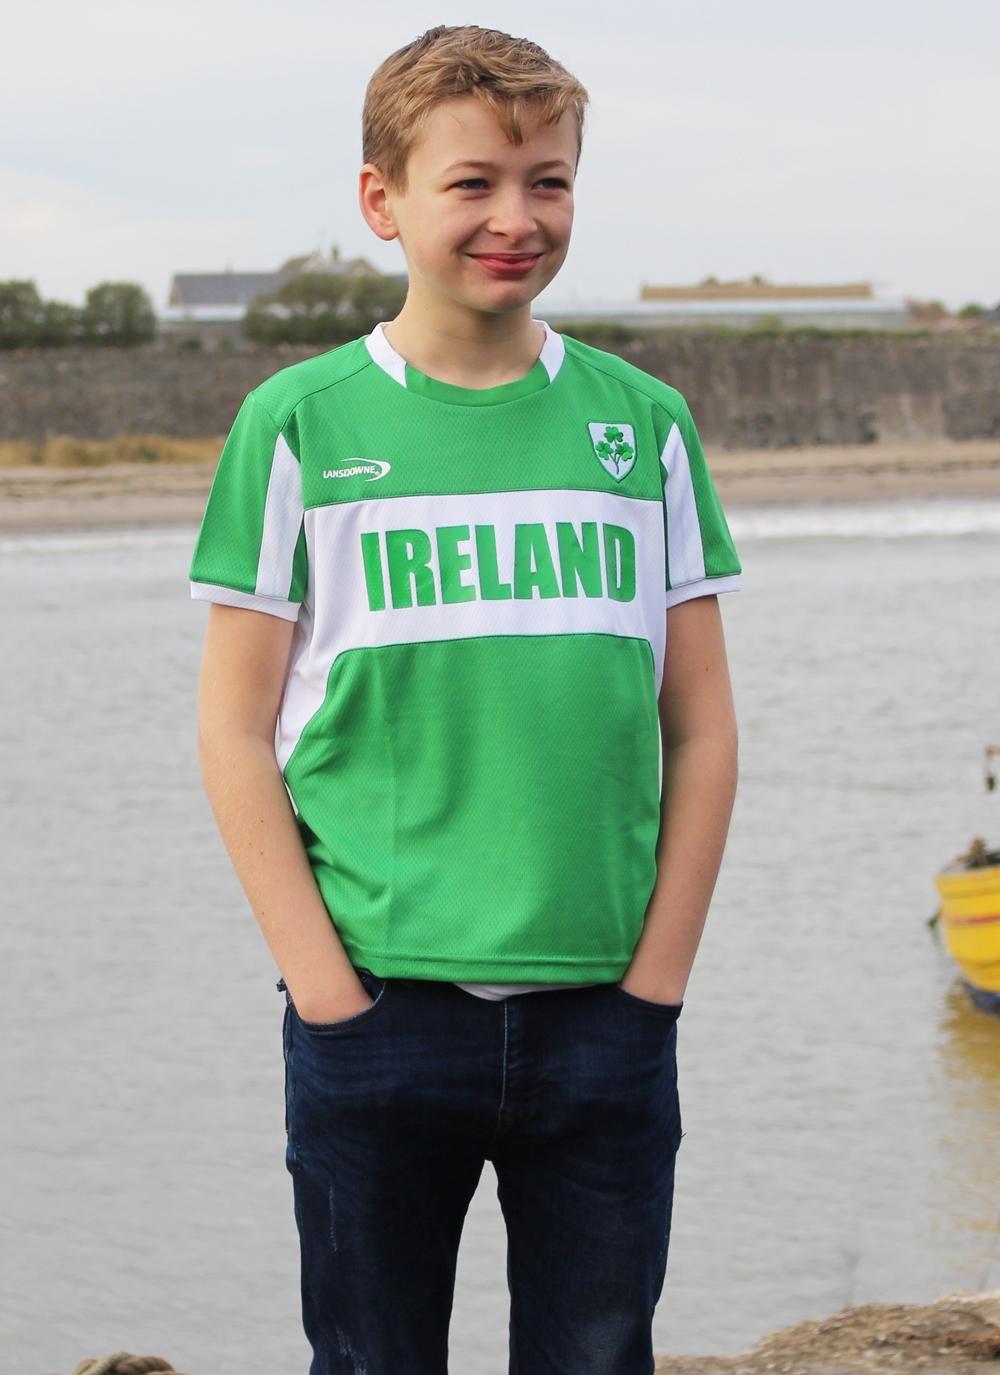 Kids Ireland Performance TShirt This performance tshirt